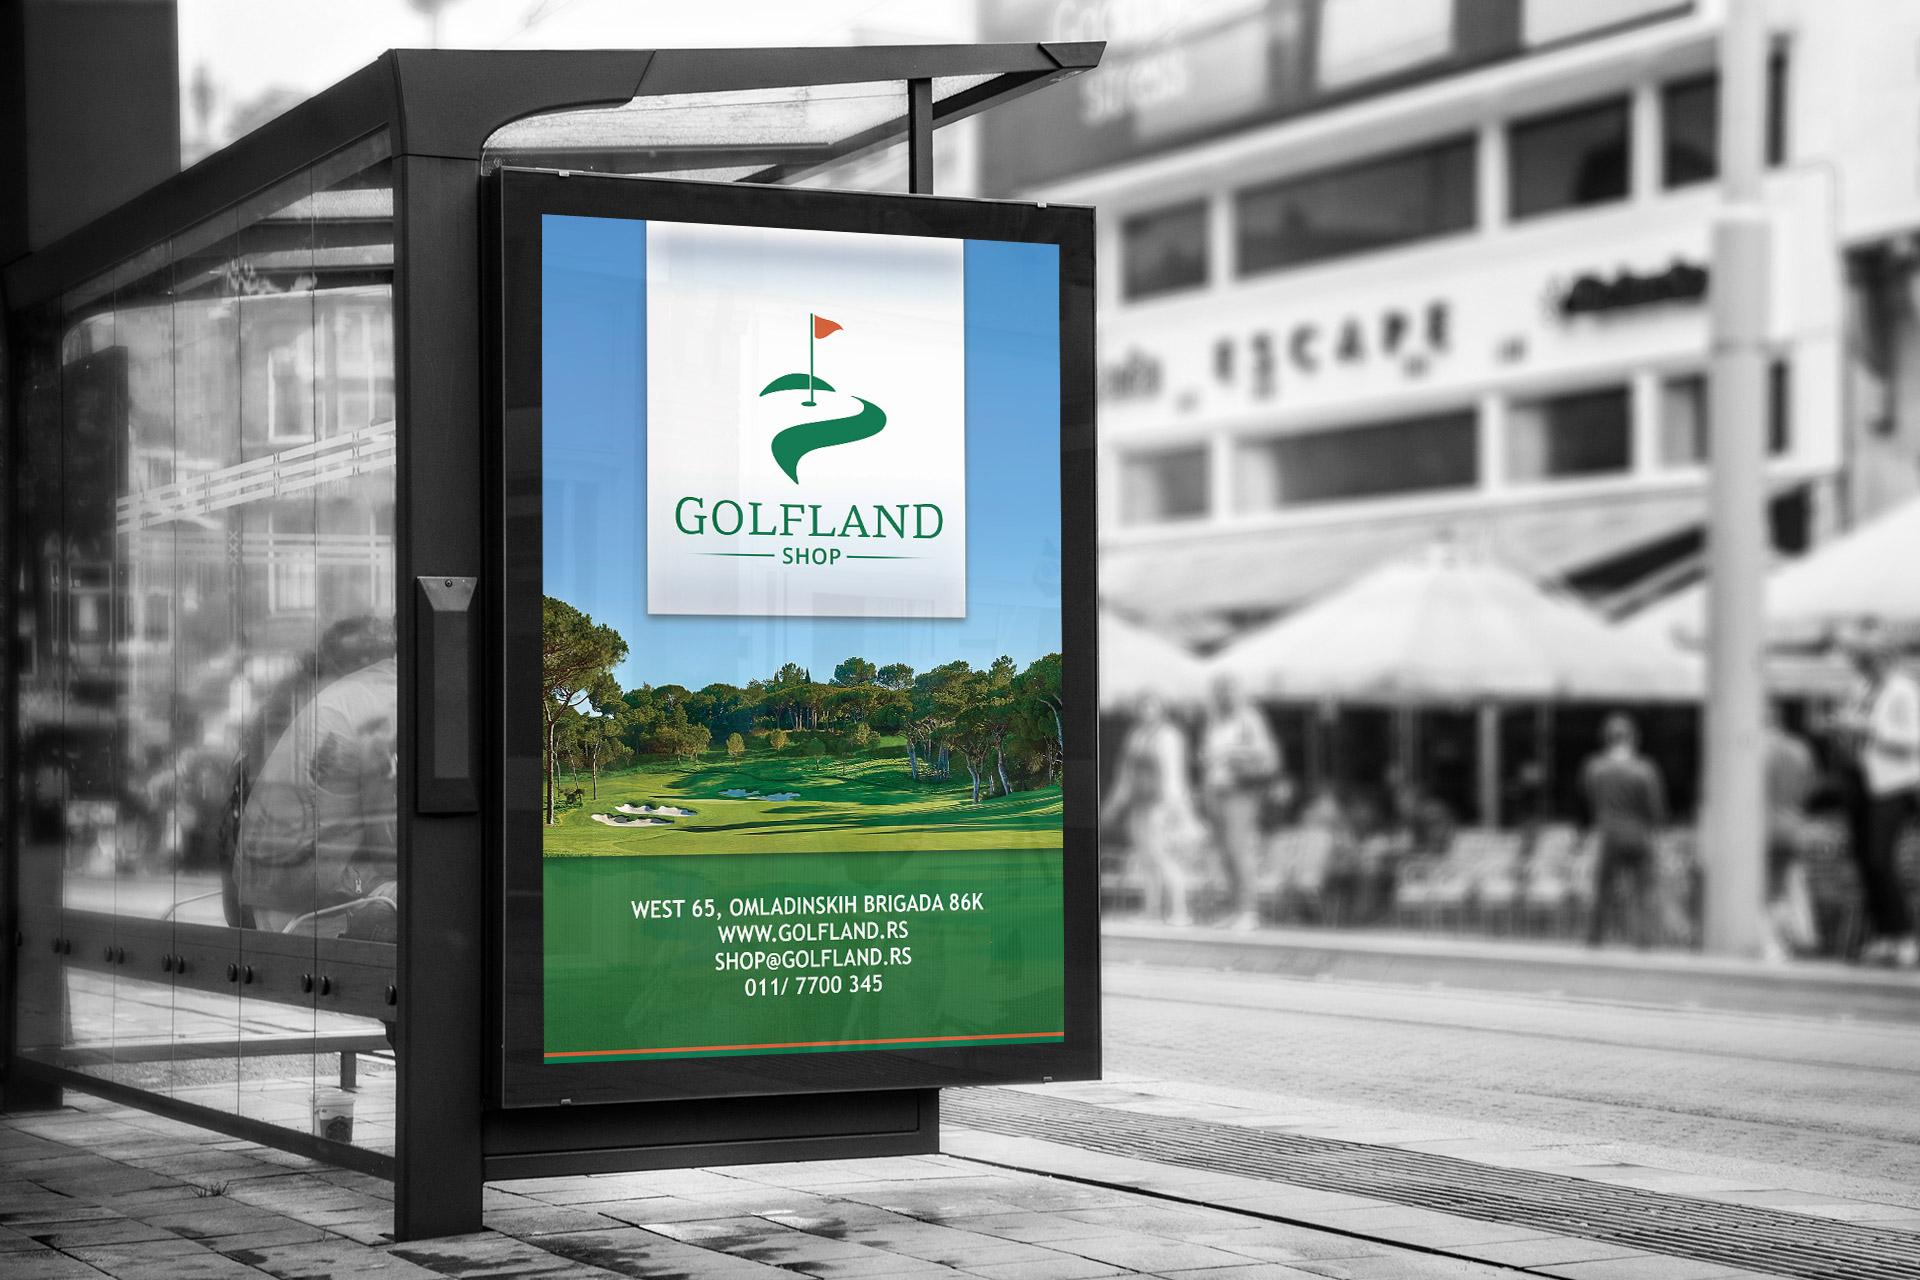 Dizajn bilborda za Golfland Shop & Tour iz Beograda